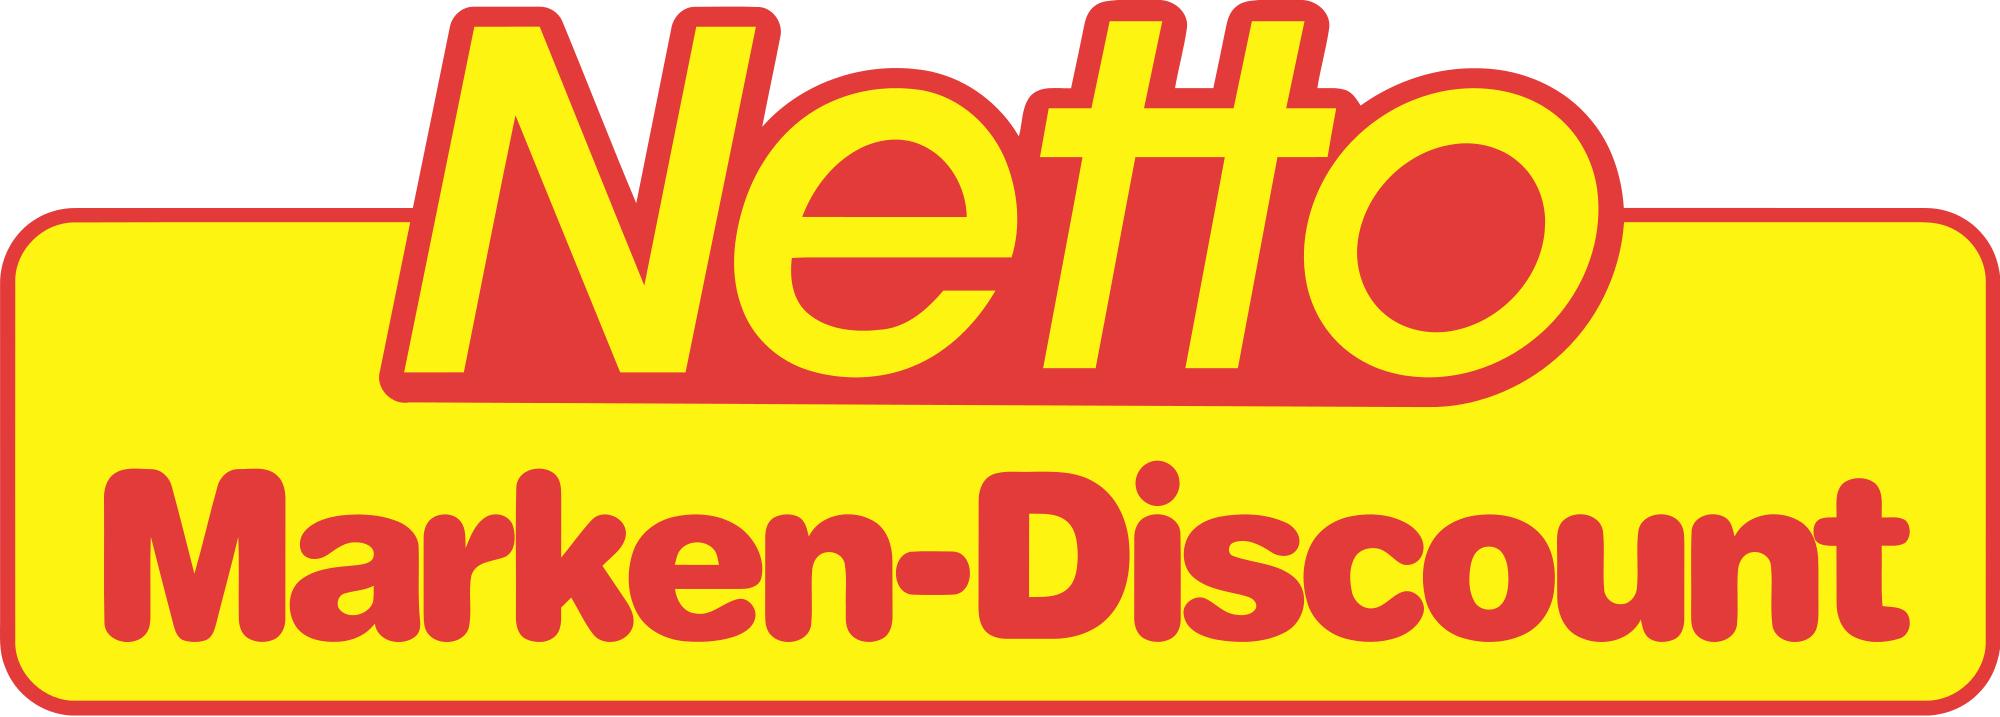 Netto Markendiscount 10% auf ALLES am 29.01.2017